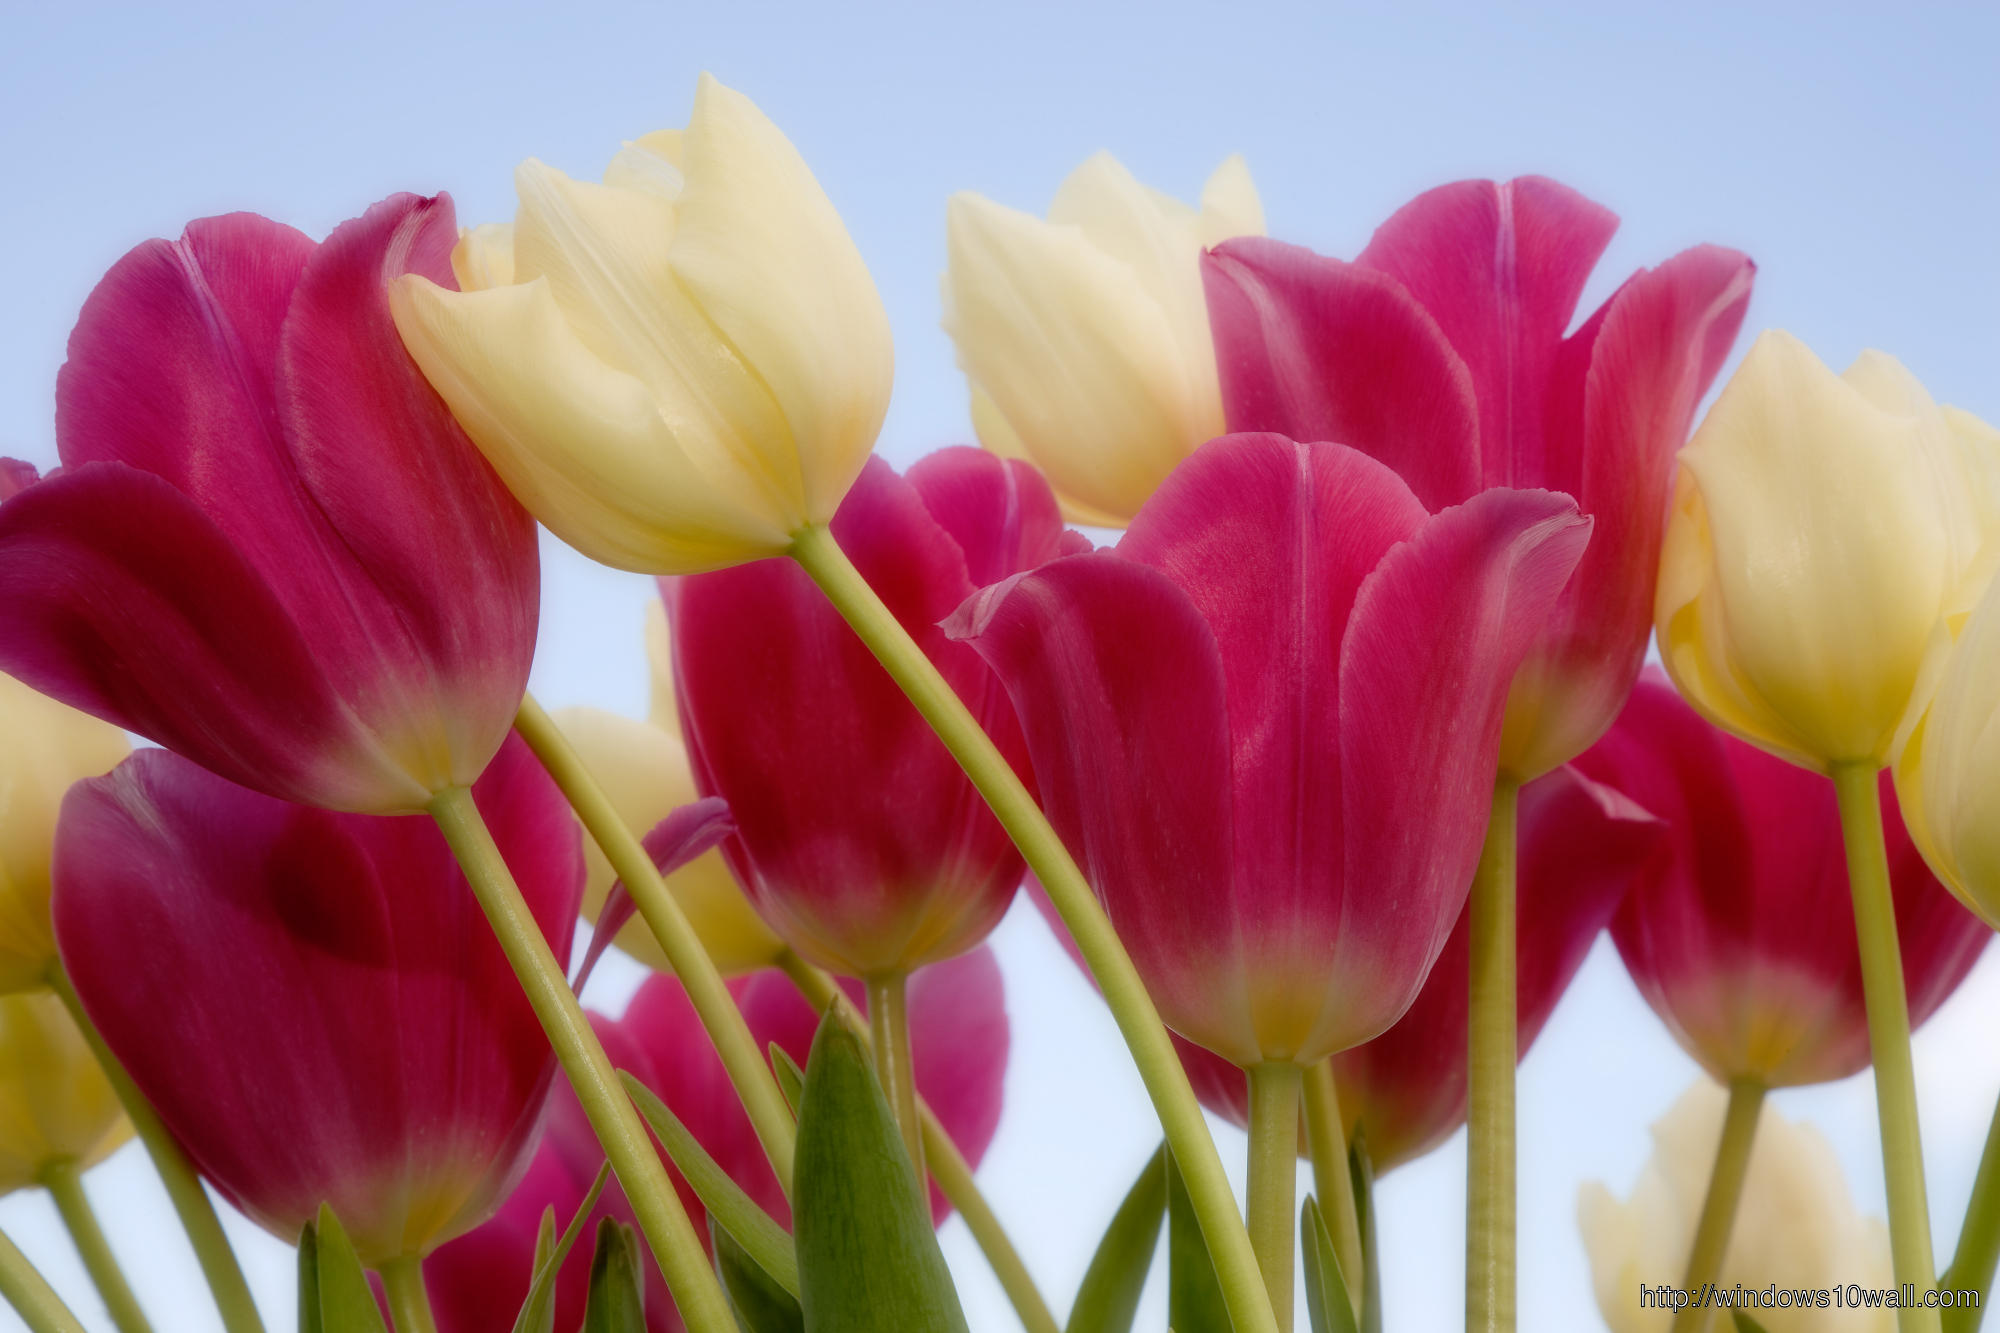 Pink-Tulips-Spring-Wallpaper